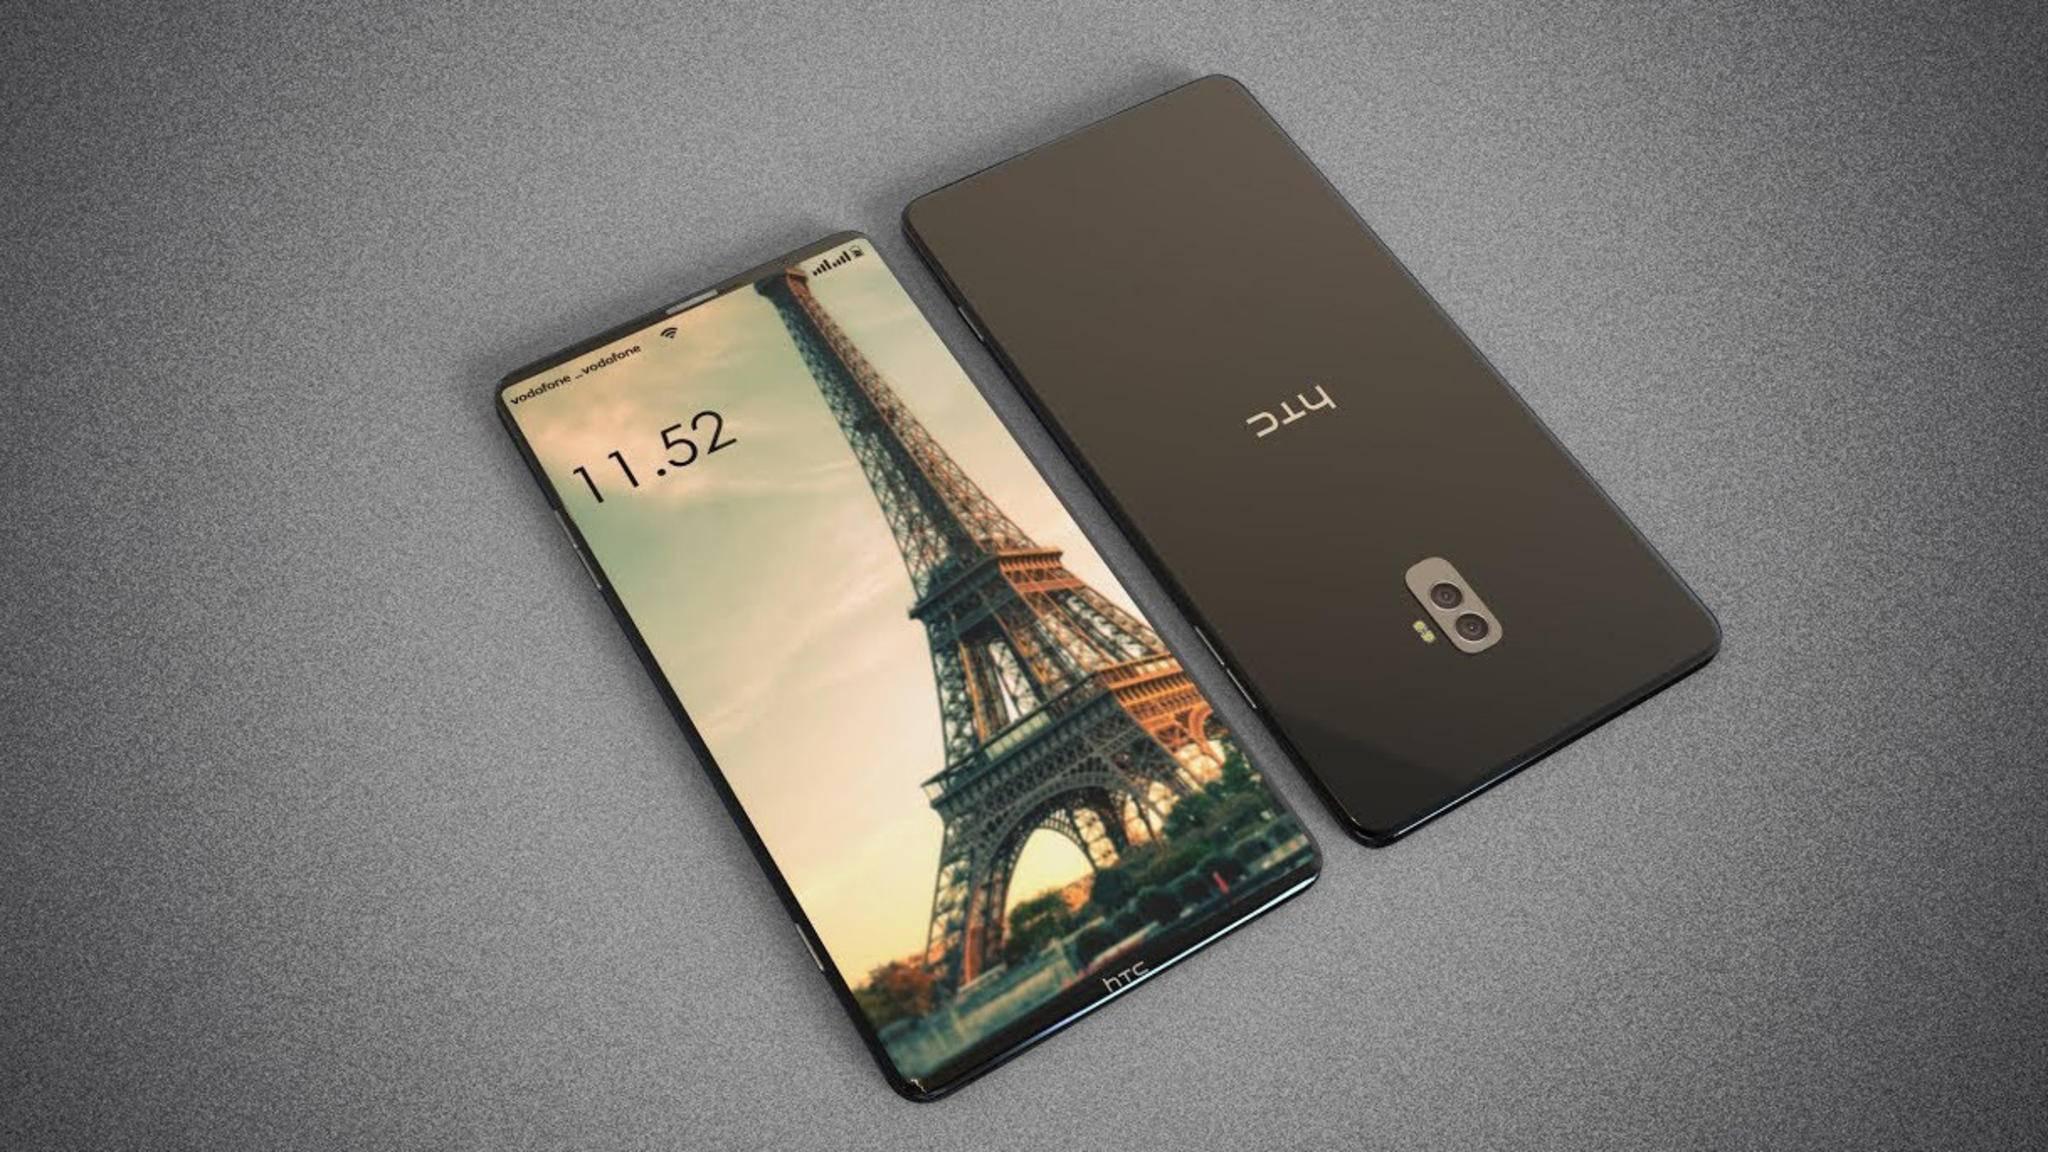 Jetzt heißt es warten: Das HTC U12 soll frühestens im März vorgestellt werden.